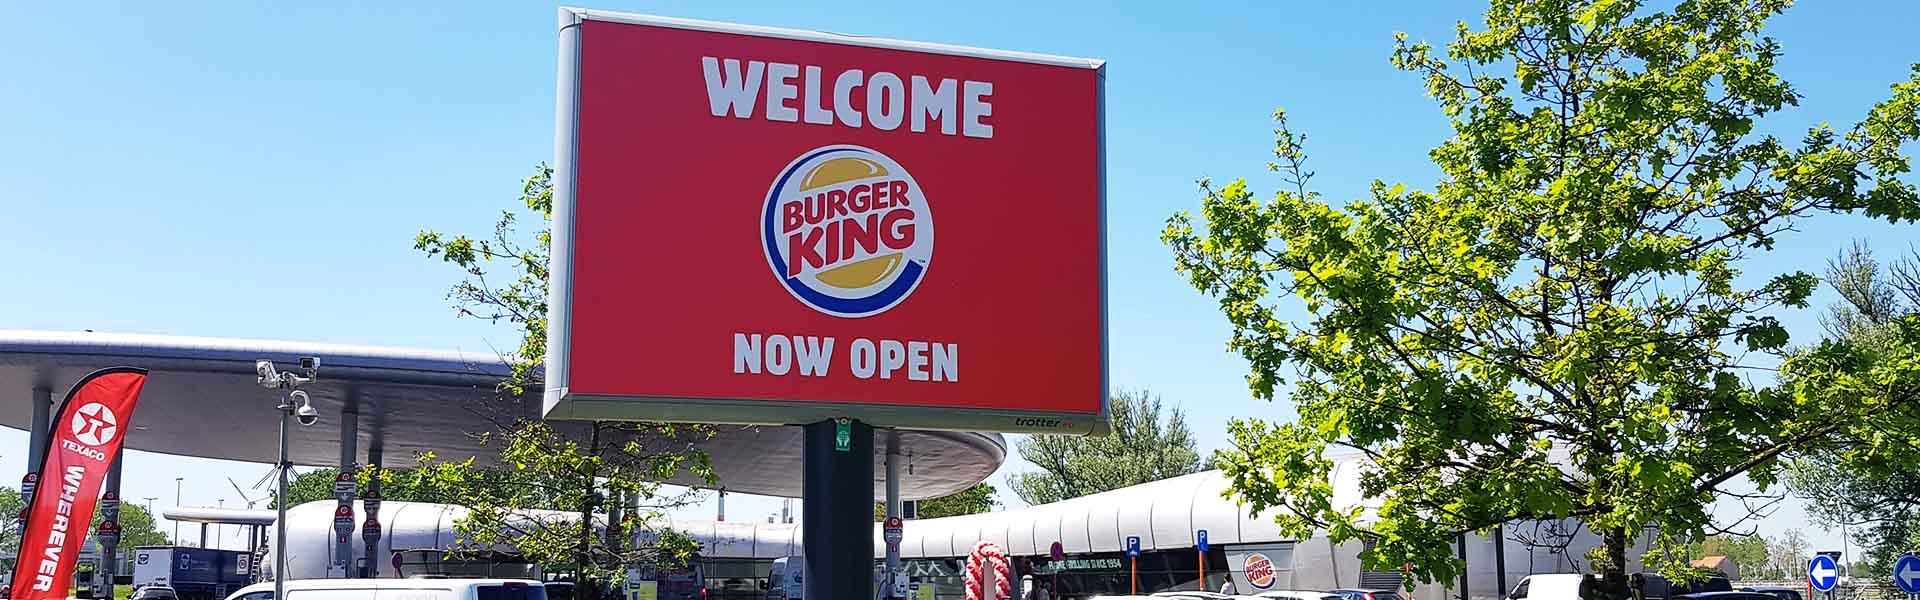 Burger King buitenreclame